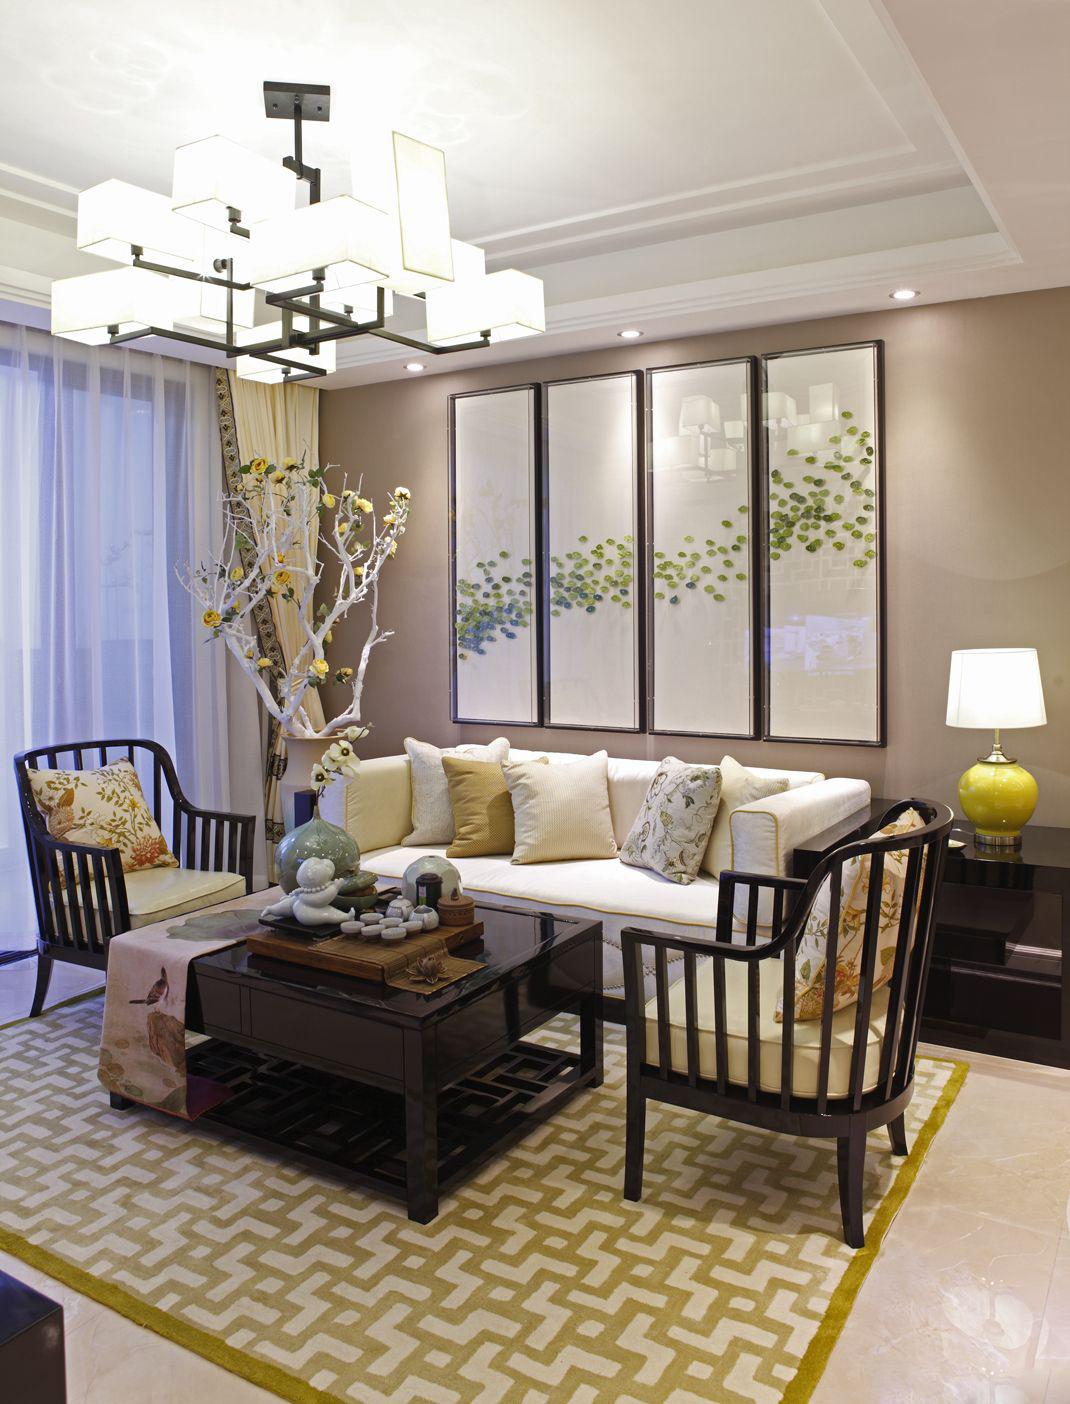 浅绿色图案的装饰画给整个空间增加了一抹清新之感,米黄色让客厅温馨自然。